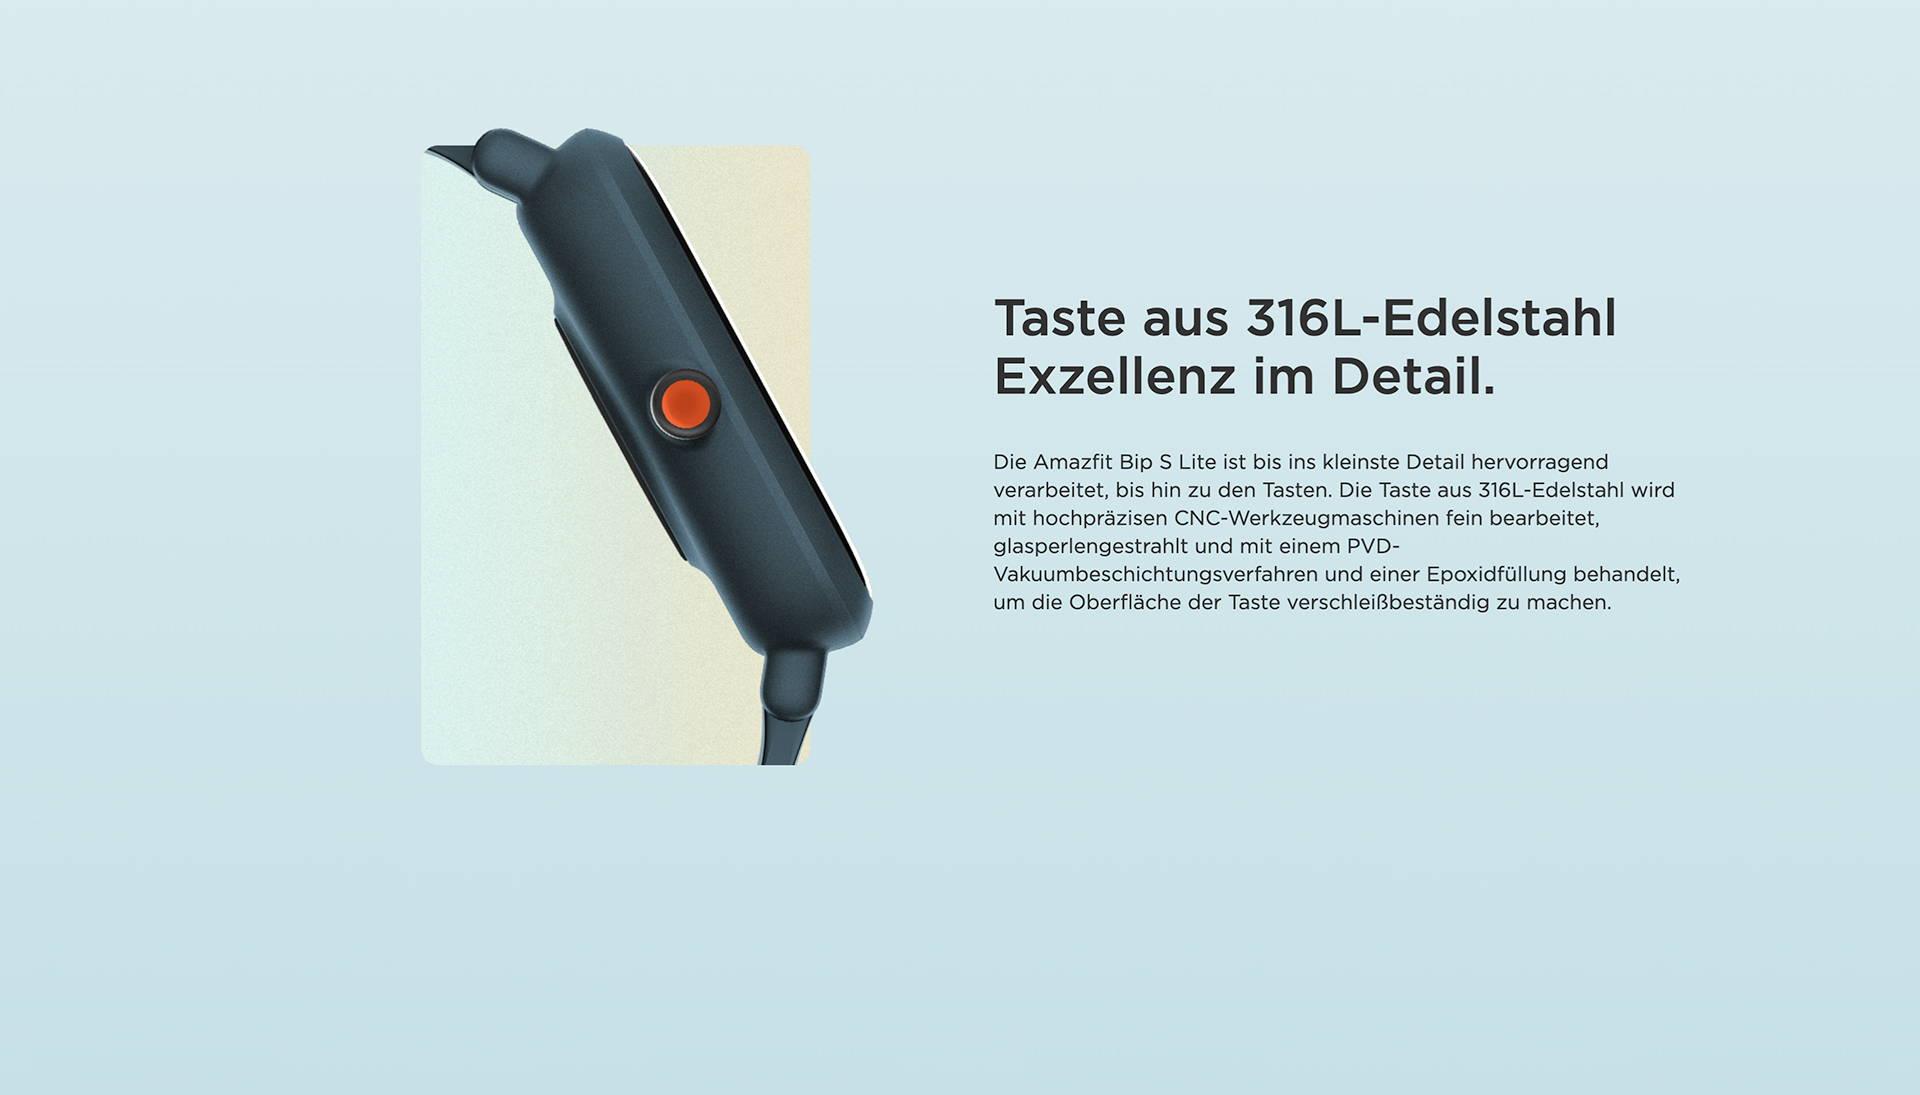 Amazfit DE - Amazfit Bip S Lite - Taste aus 316L-Edelstahl Exzellenz im Detail.